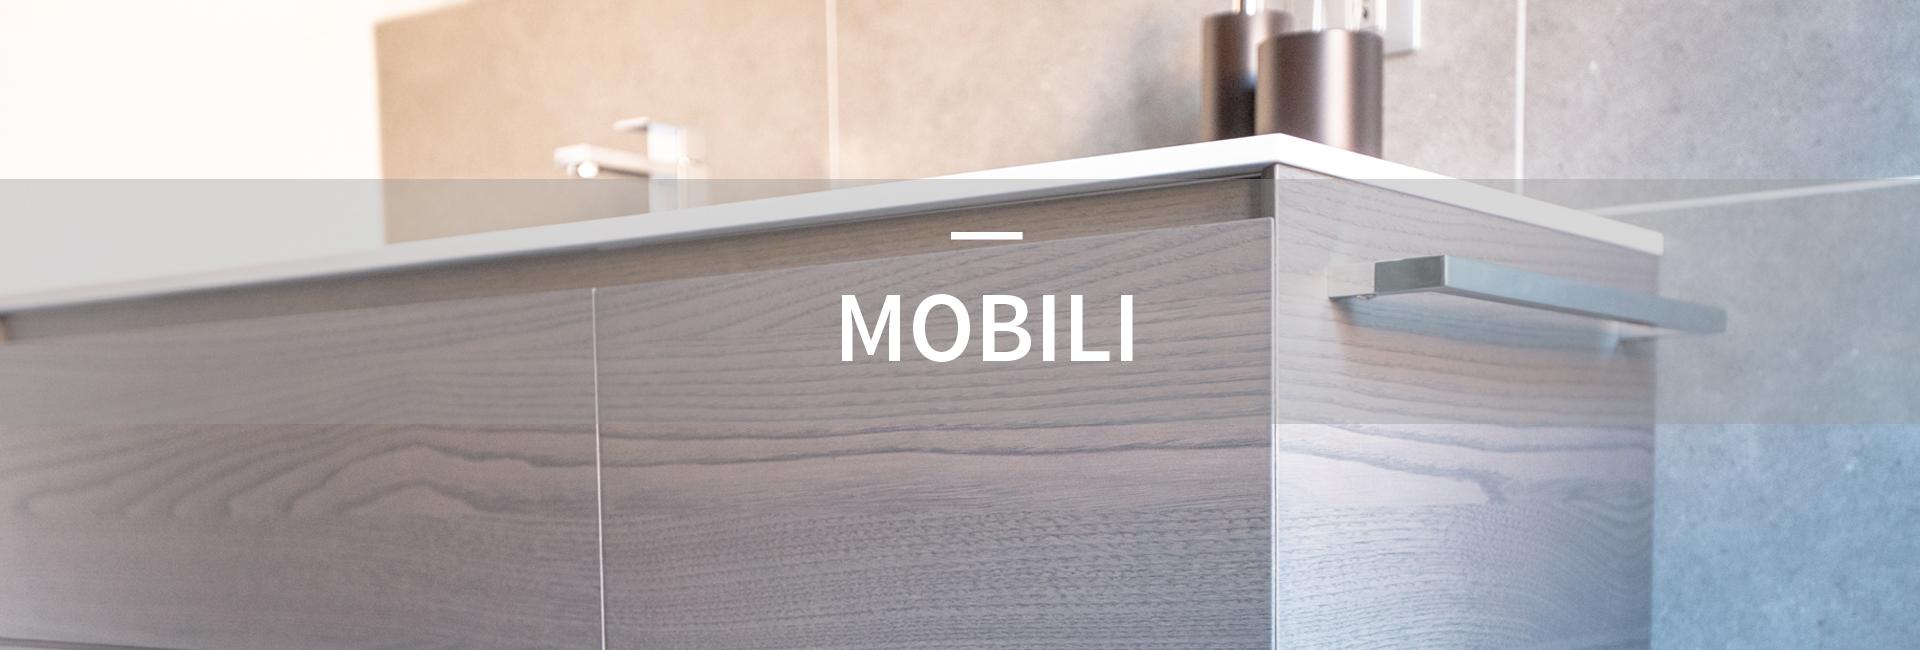 banner_MOBILI-DEF